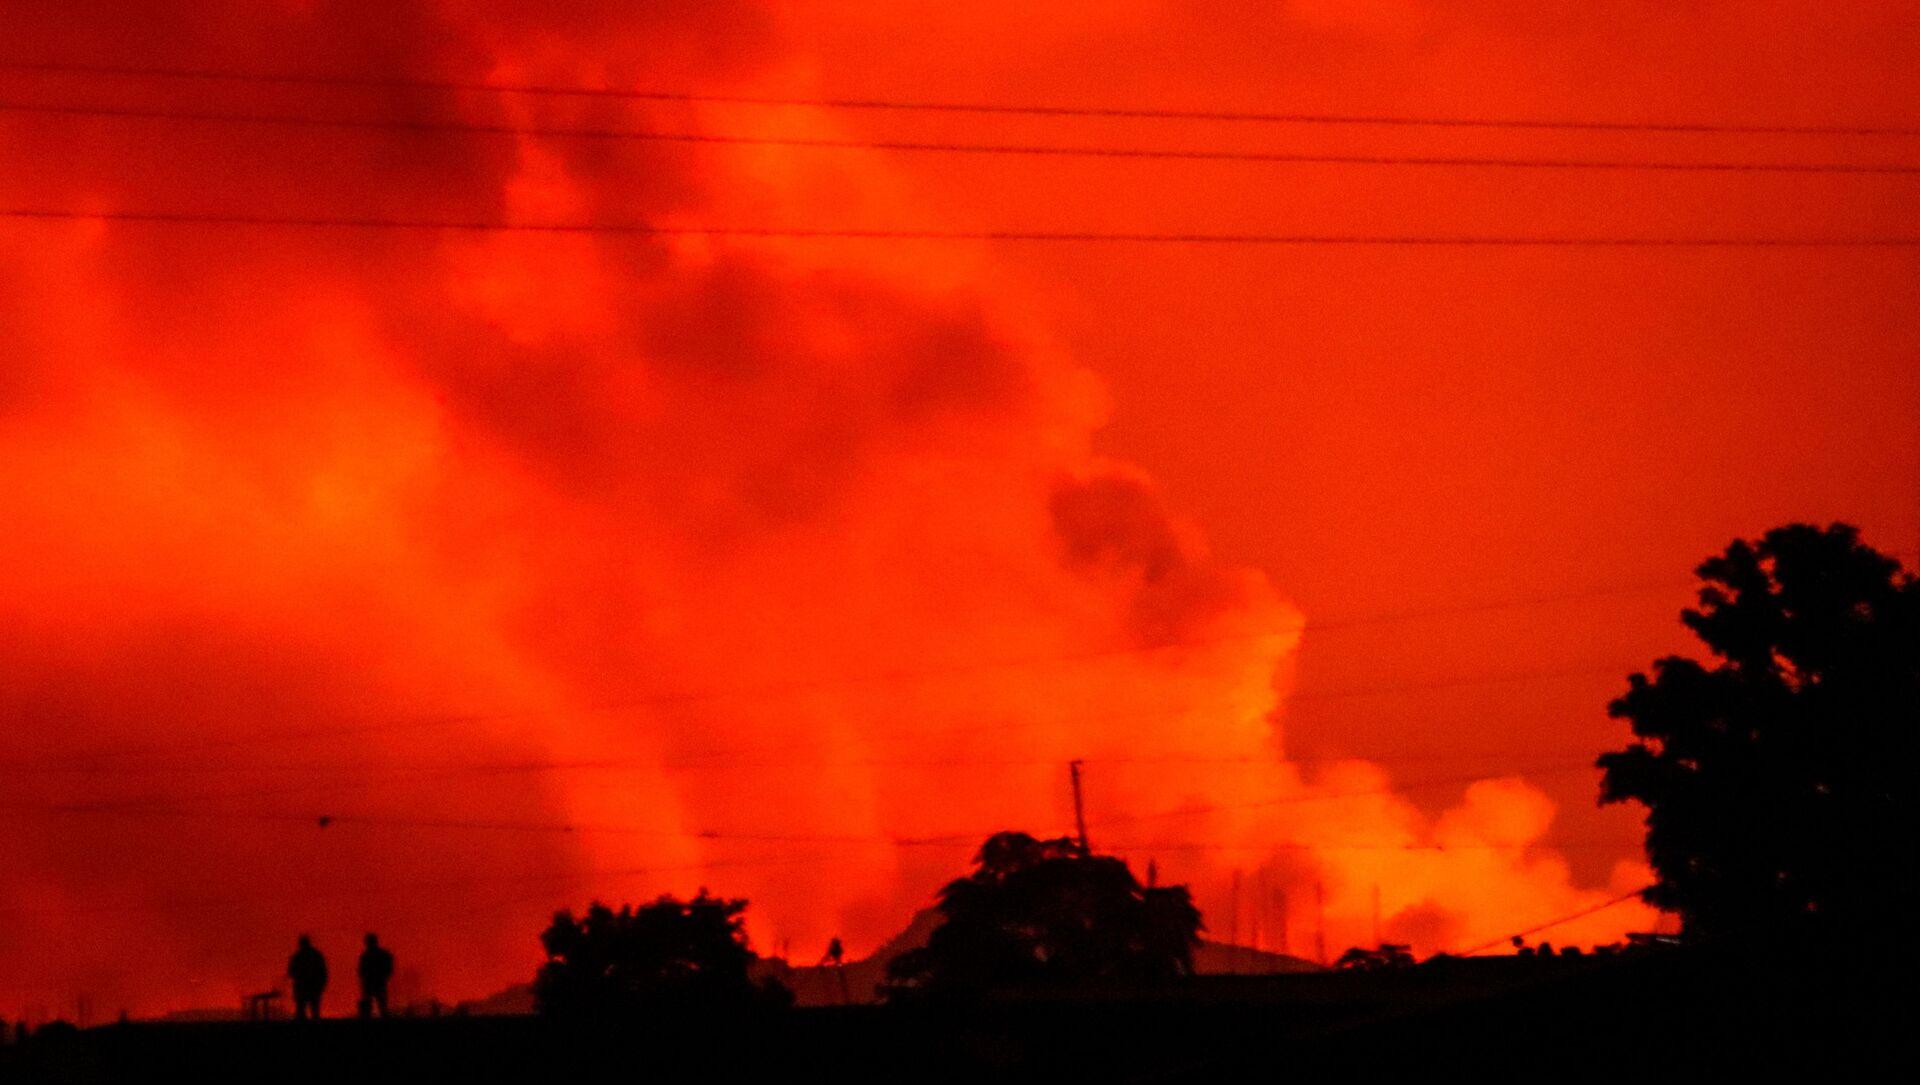 Црвено небо над градом Гома после ерупције вулкана у Конгу - Sputnik Србија, 1920, 23.05.2021